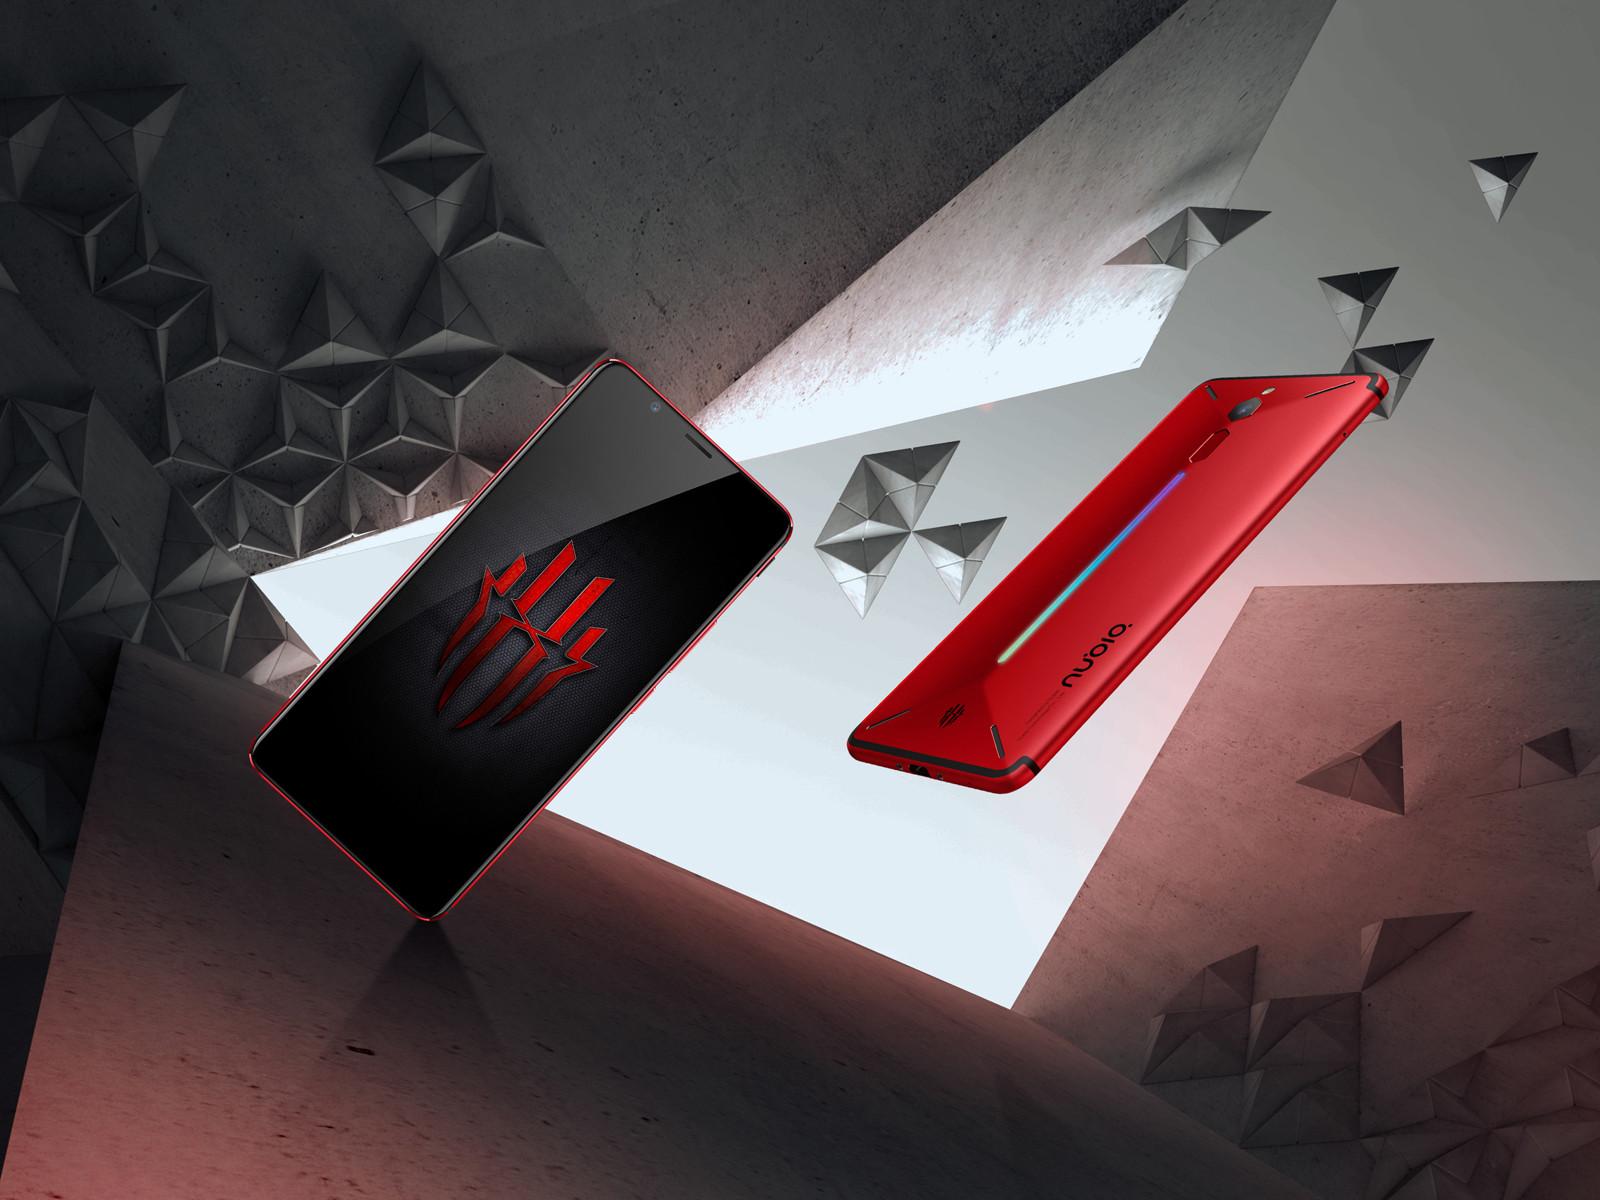 努比亚红魔电竞游戏手机(64GB)整体外观第2张